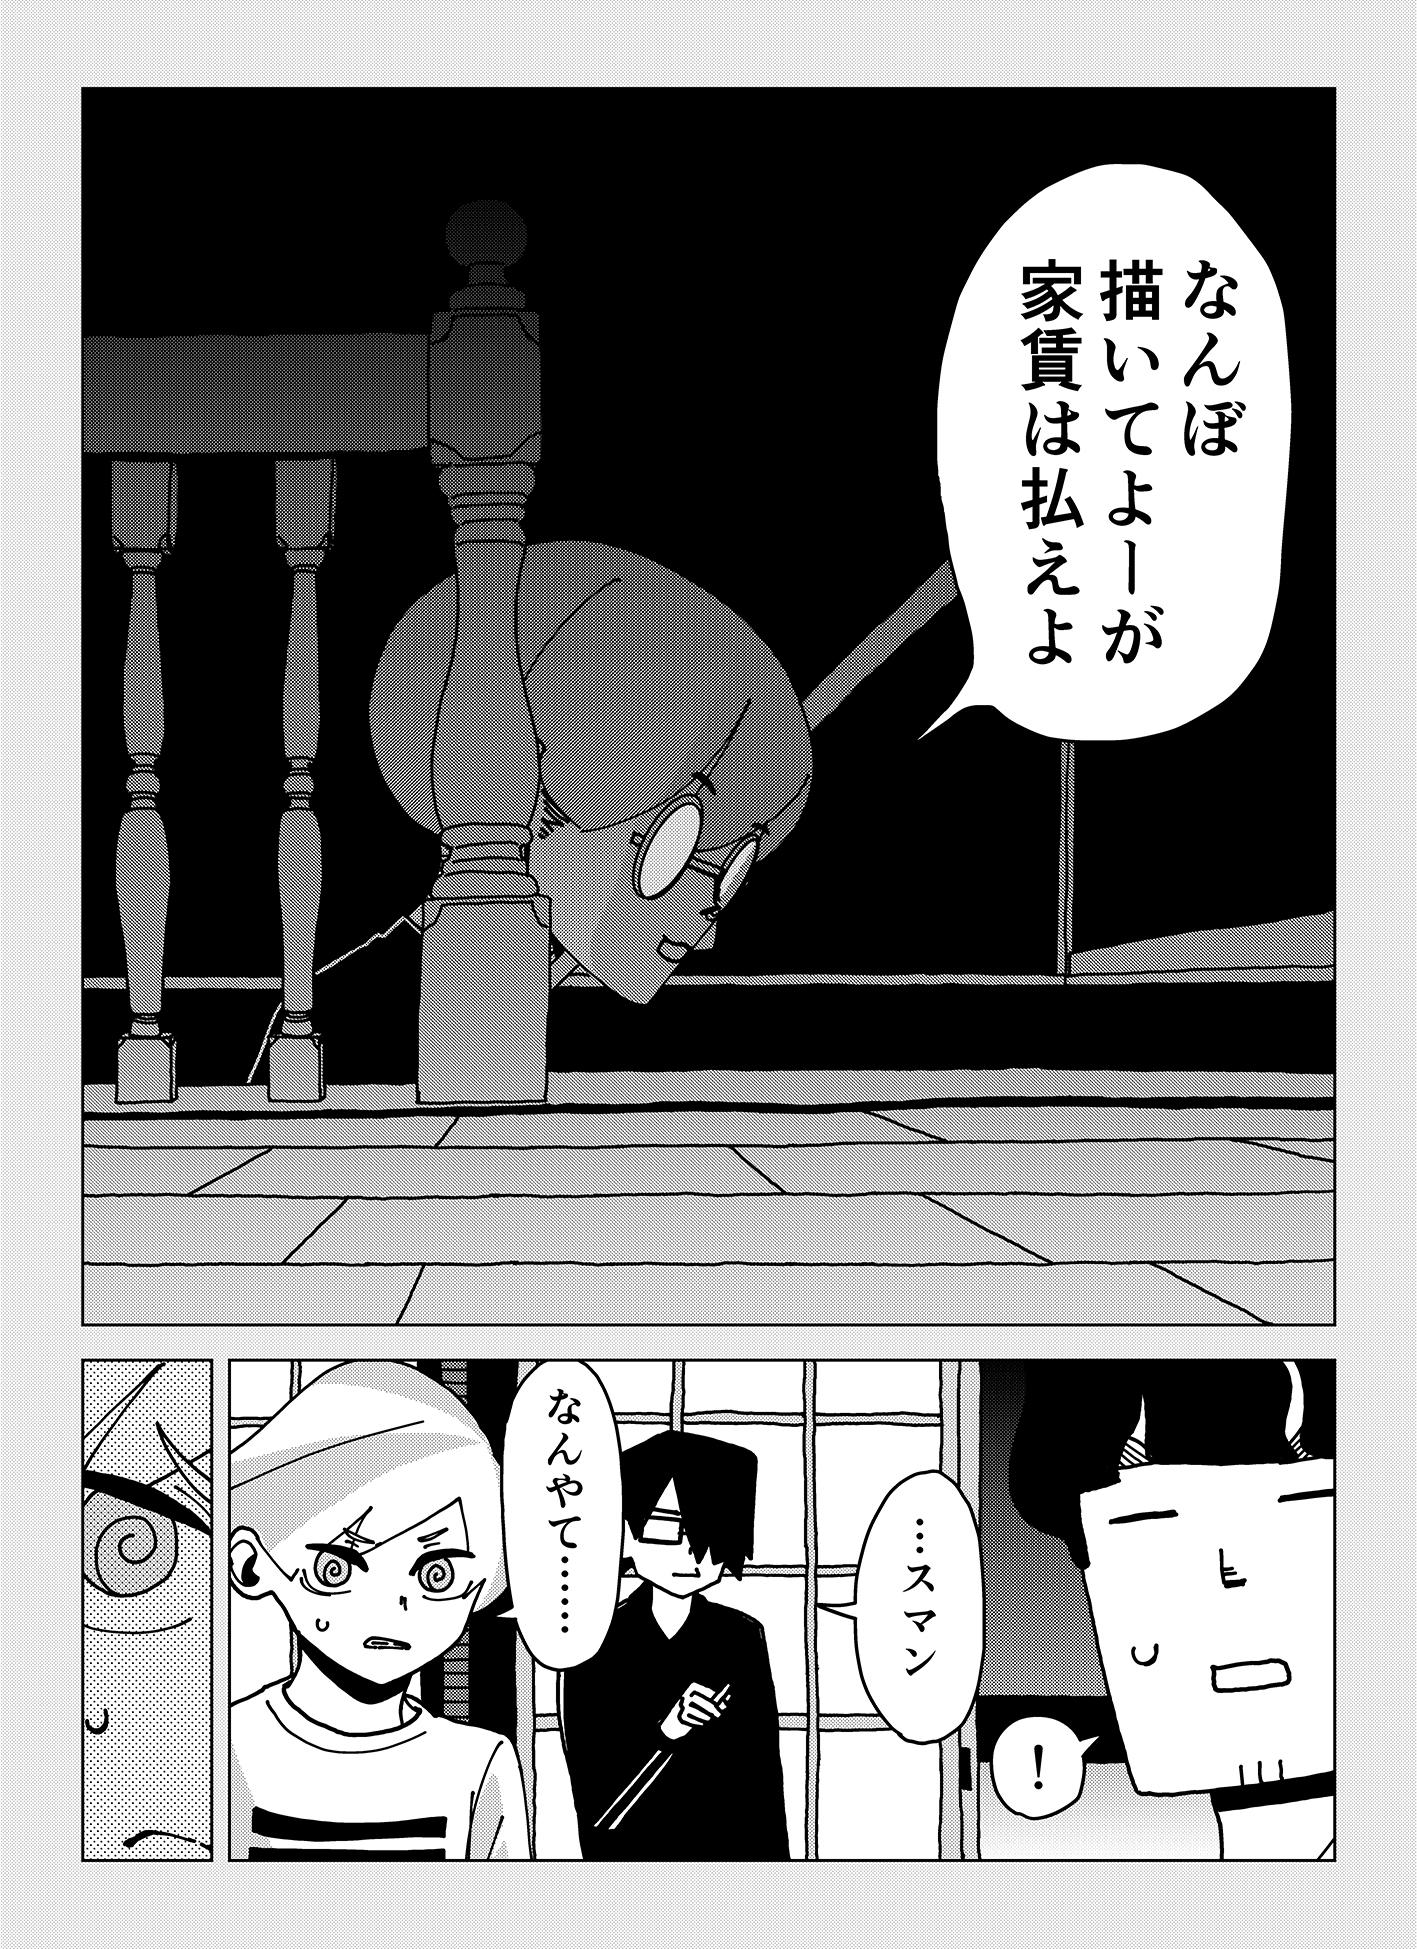 share_09_005